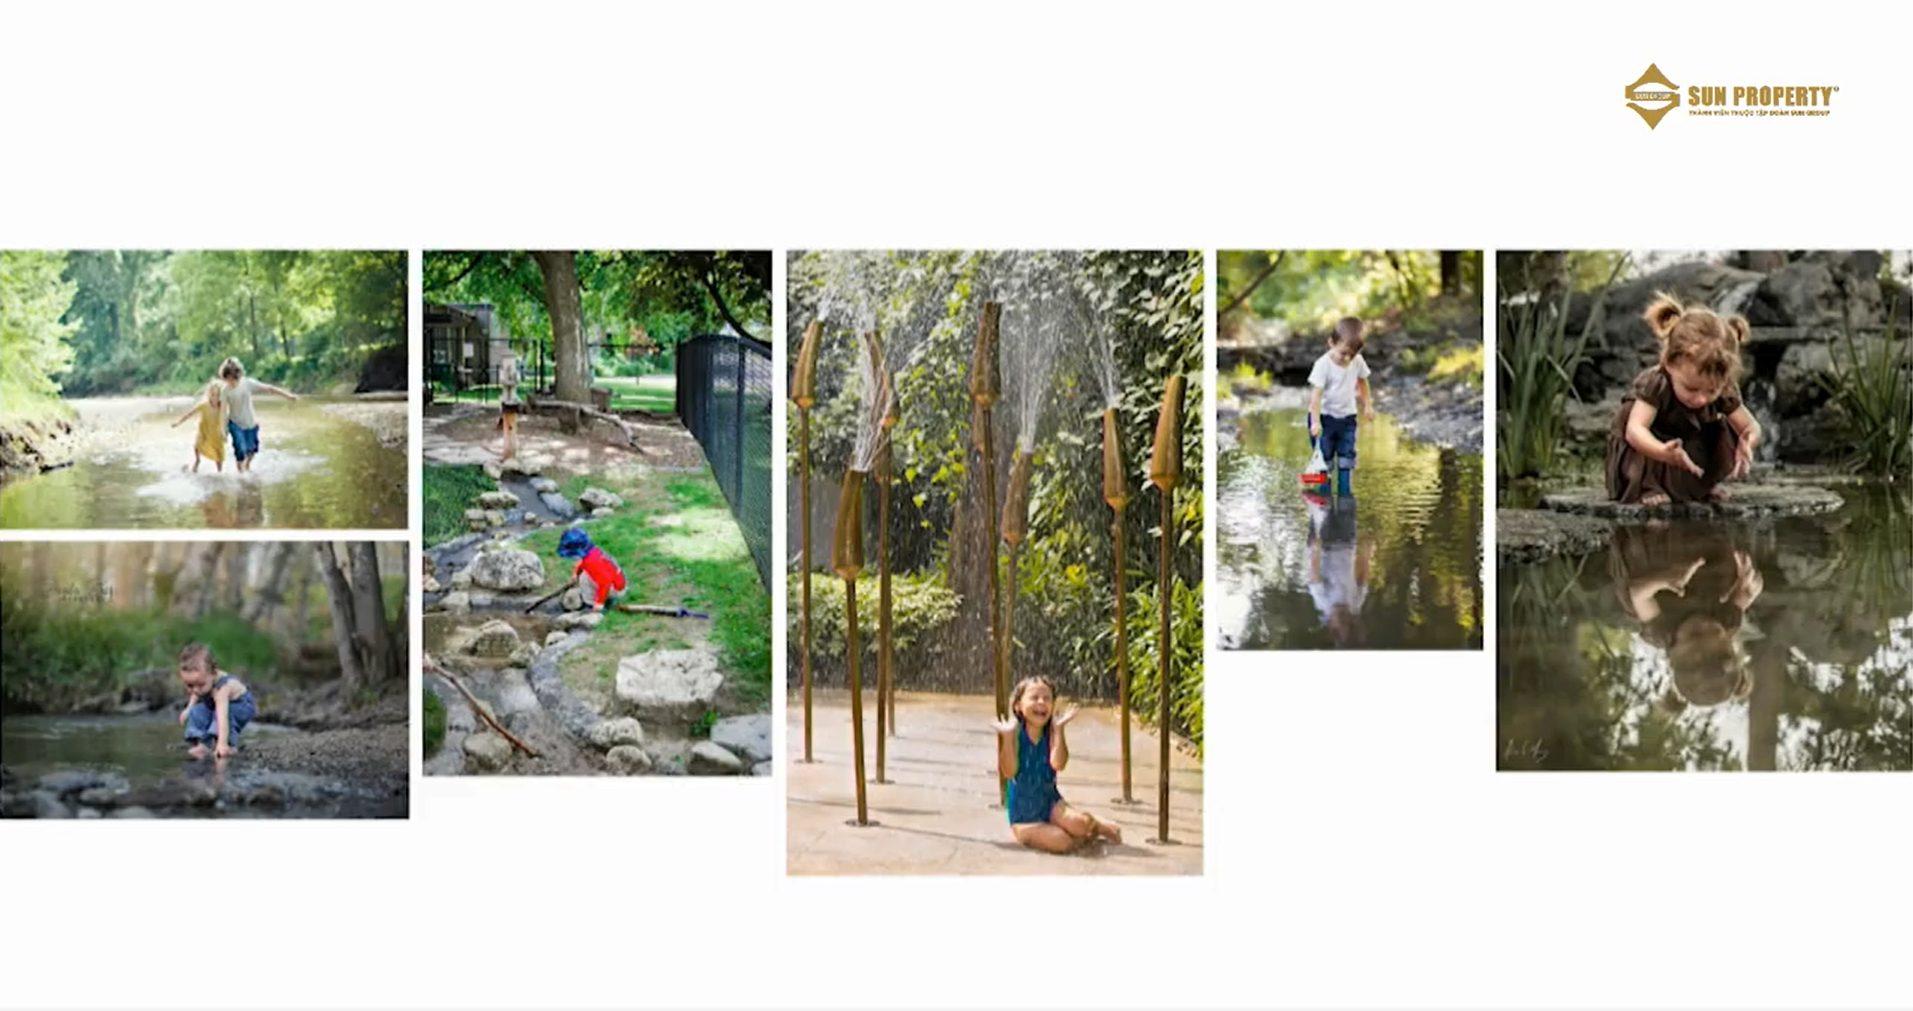 """Sân chơi """"thiên nhiên"""" dành cho các bé ở công viên Forest Creek tại biệt thự làng nhiệt đới"""